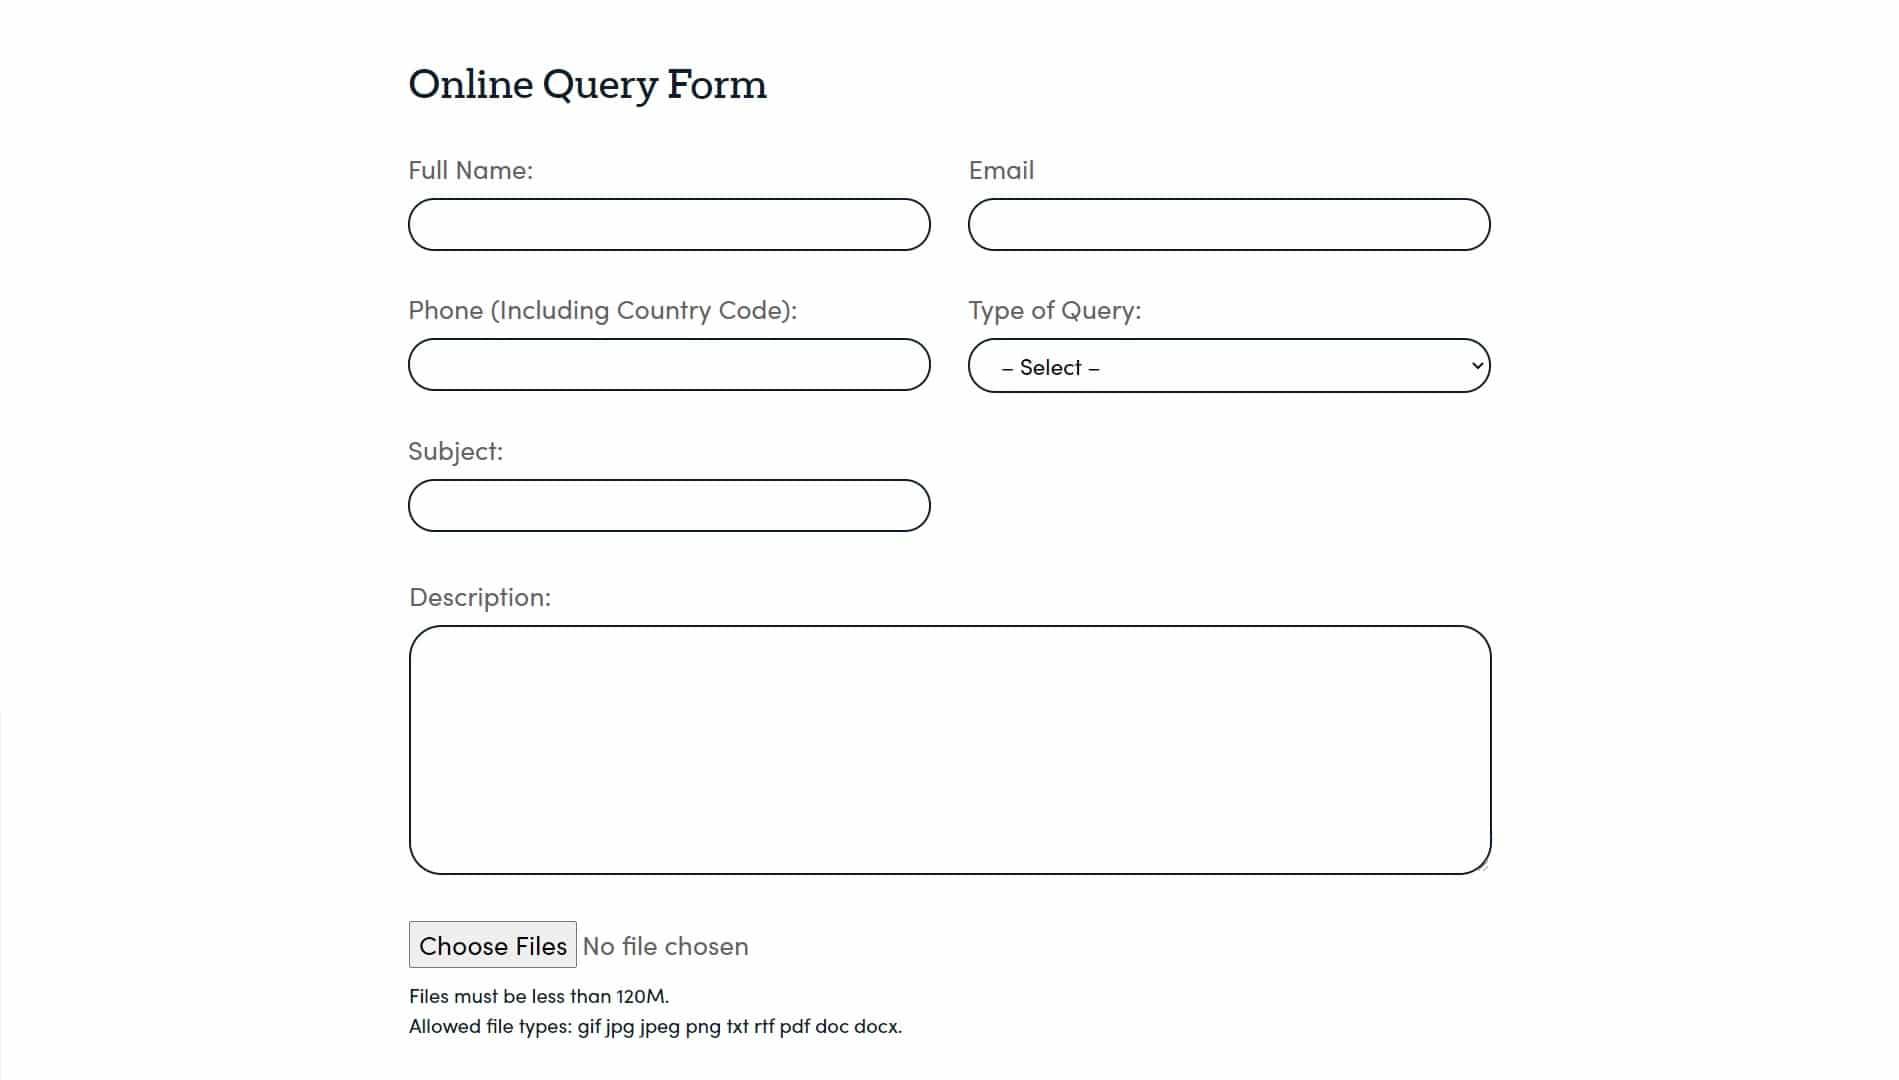 Markets.com online query form